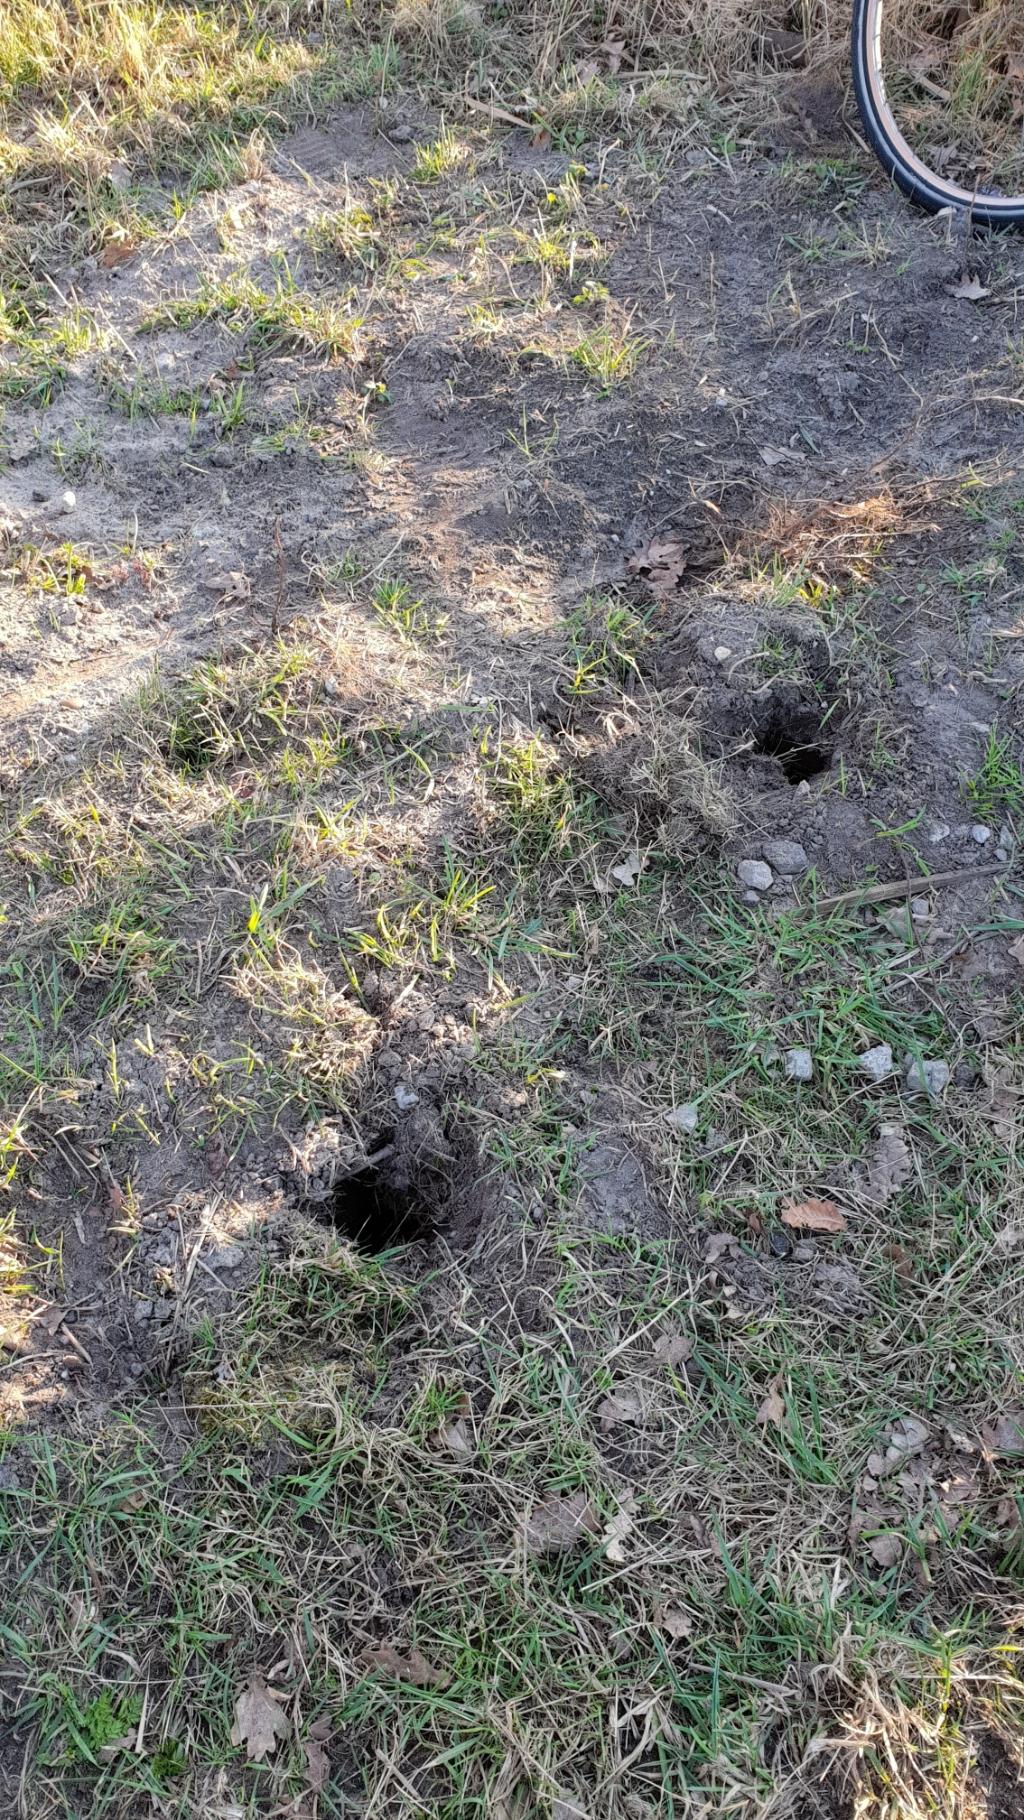 Gaten in de grond waar de palen in stonden Dick Reef © BDU media